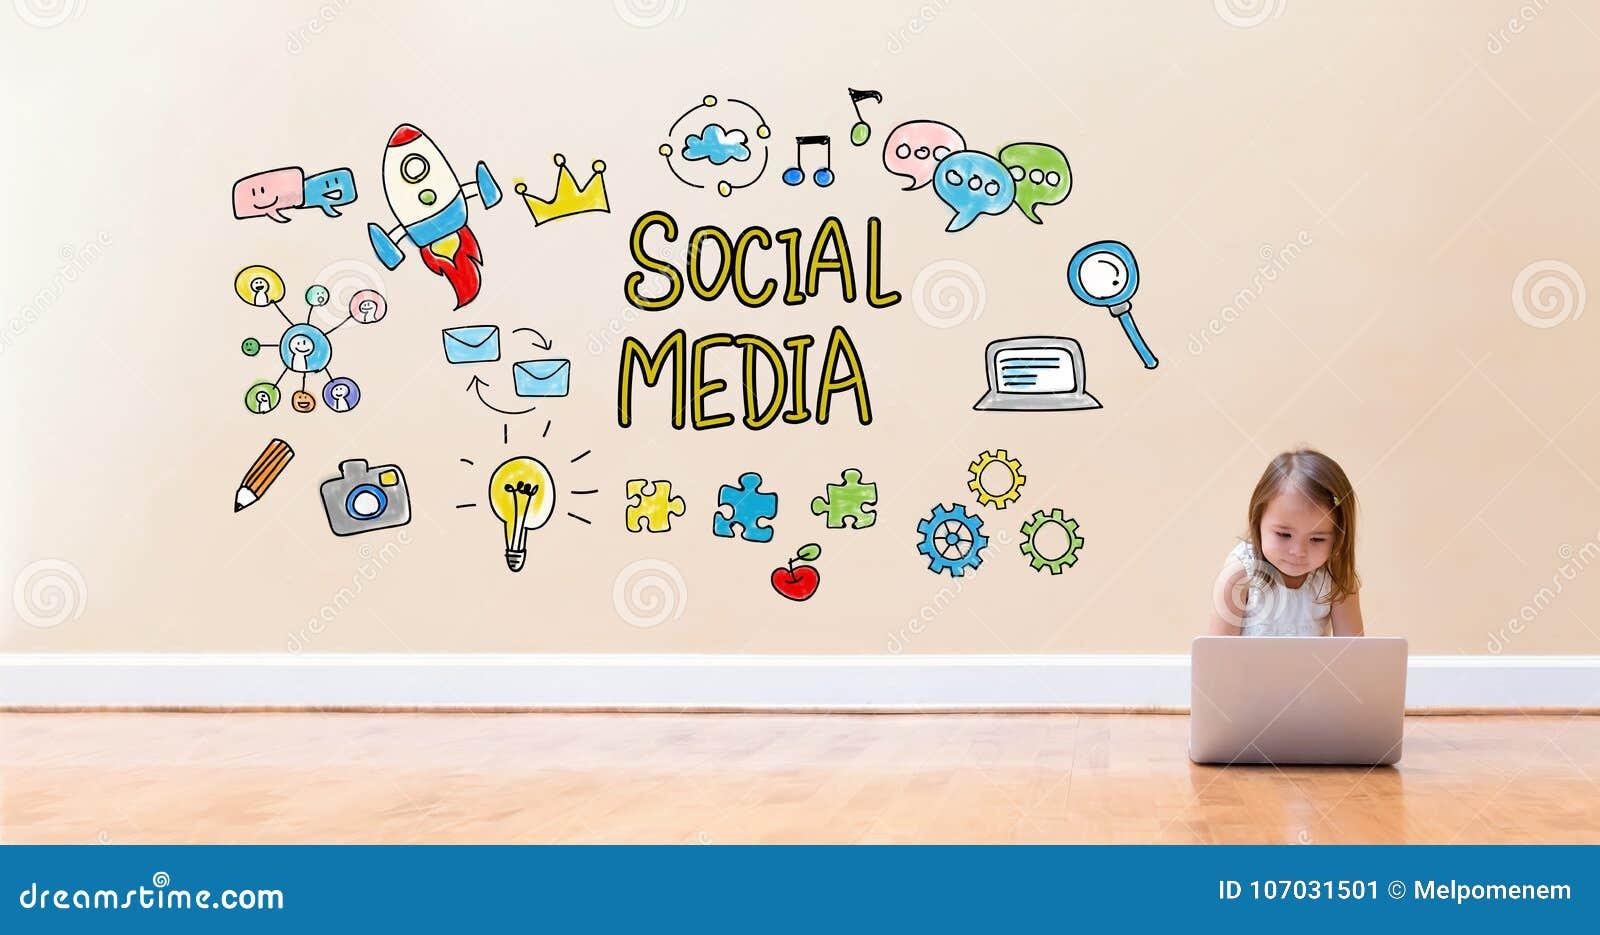 Social Media simst mit dem kleinen Mädchen, das eine Laptop-Computer verwendet